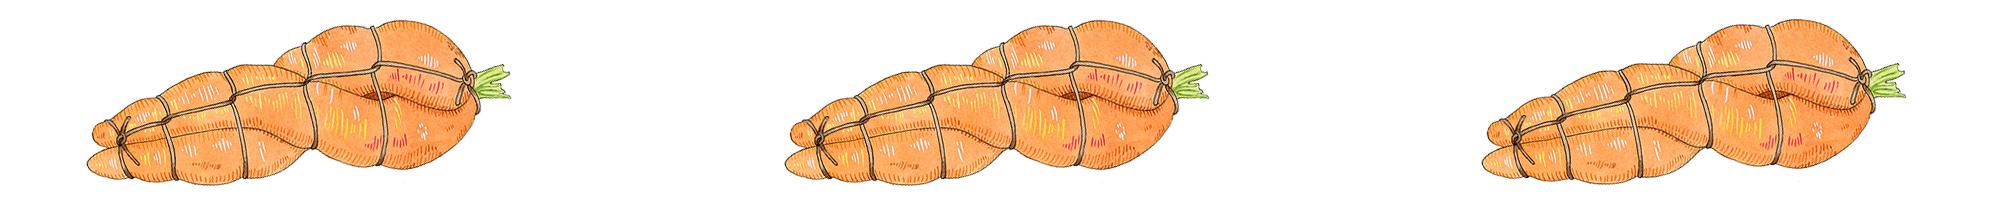 Carrot-Banner.jpg